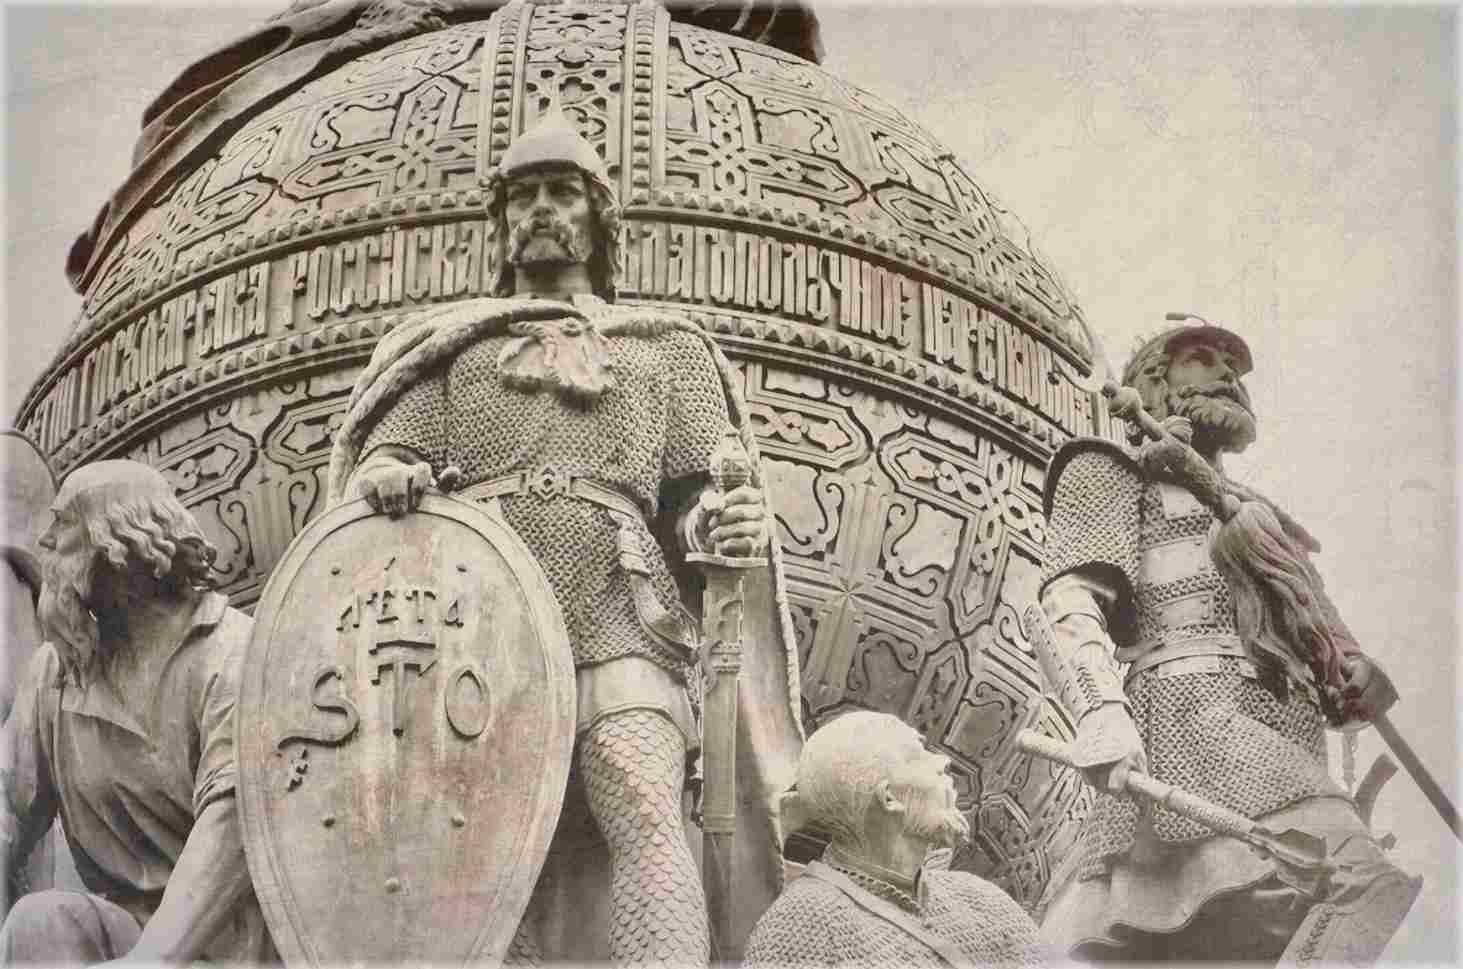 rosobrnadzor-oge-po-istorii-v-2020-godu-budut-sdavat-po-istoriko-kulturnomu-standartu